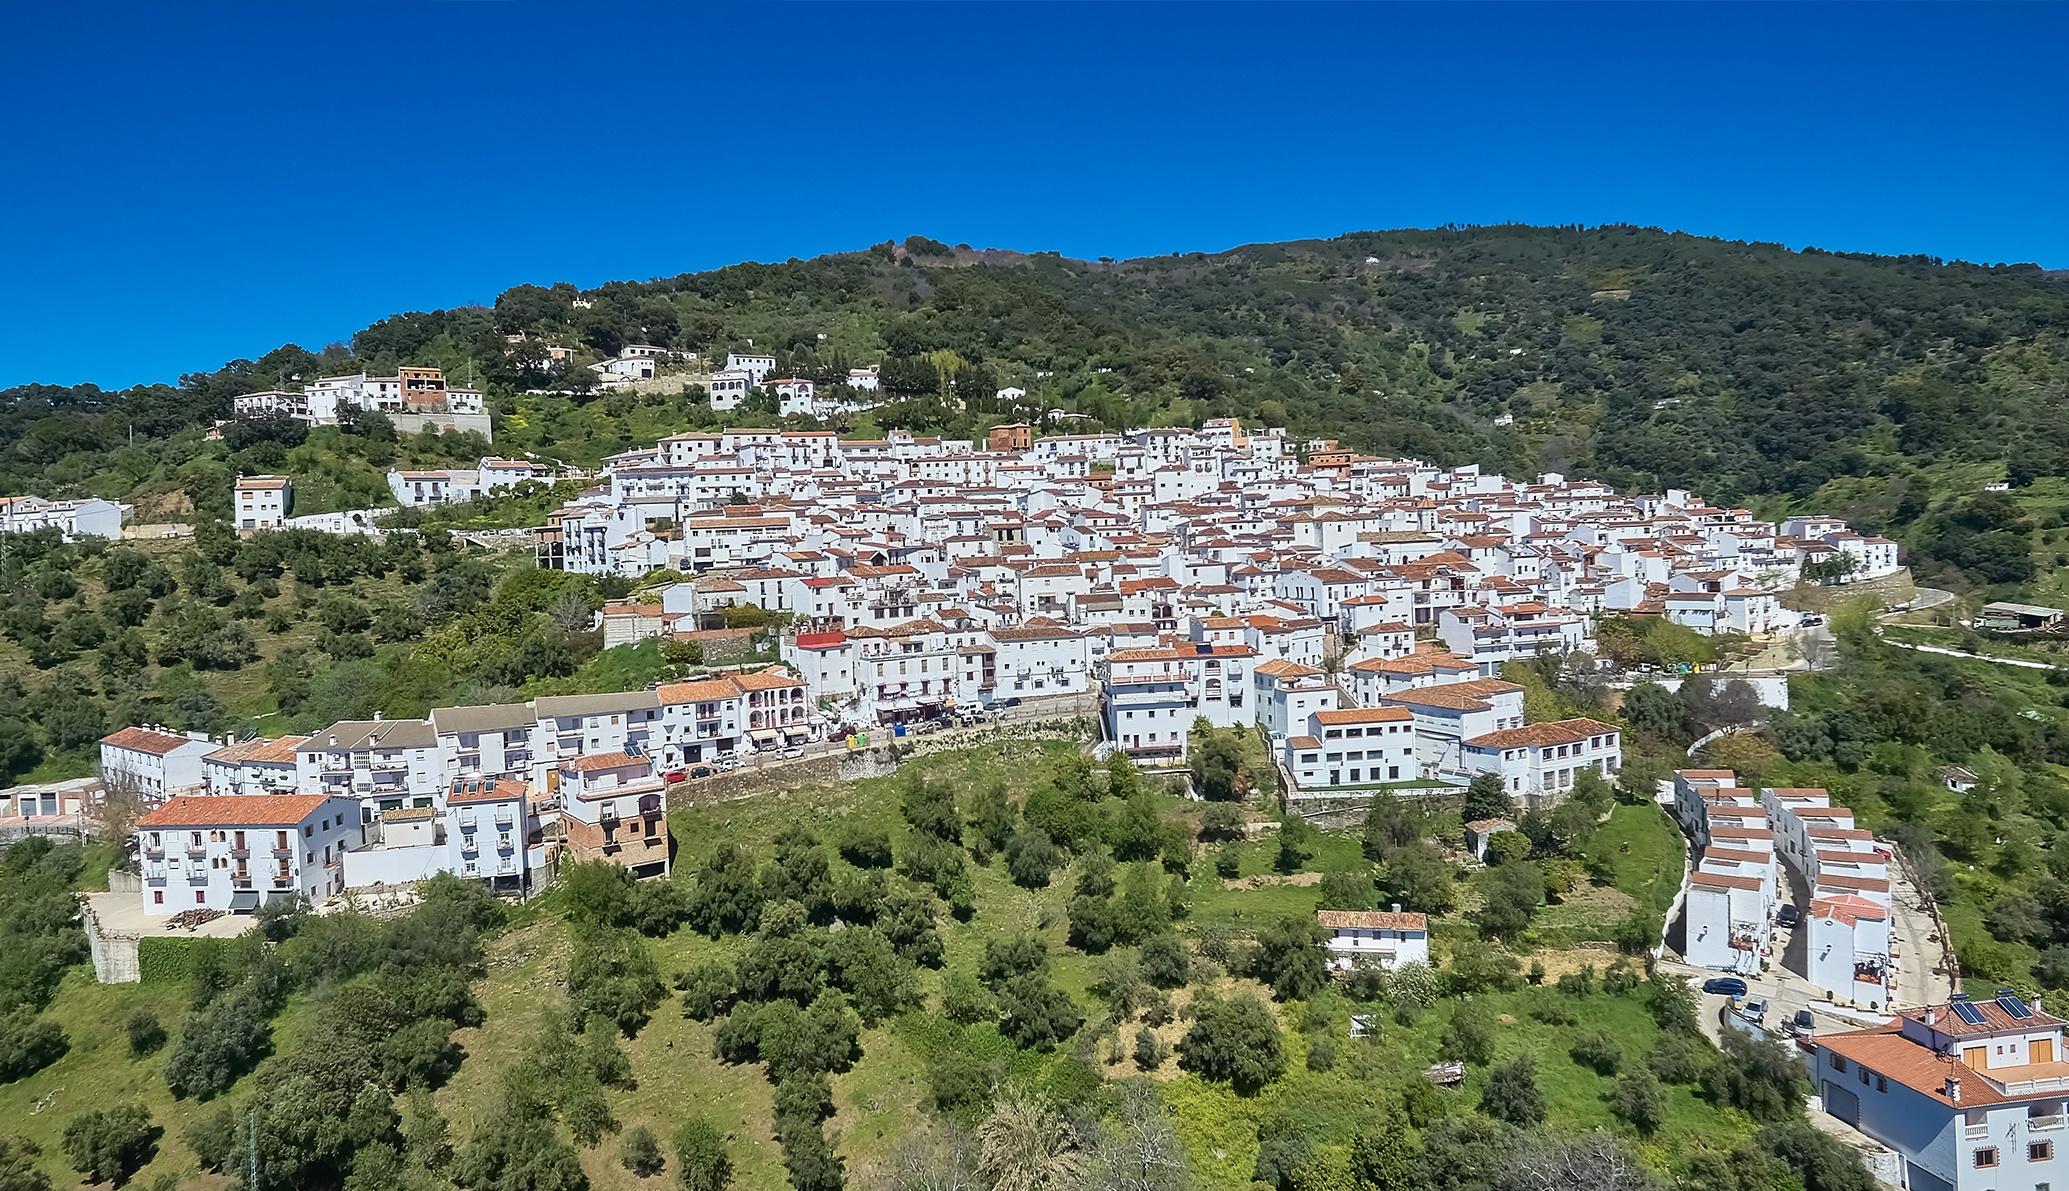 A rural getaway to Jubrique